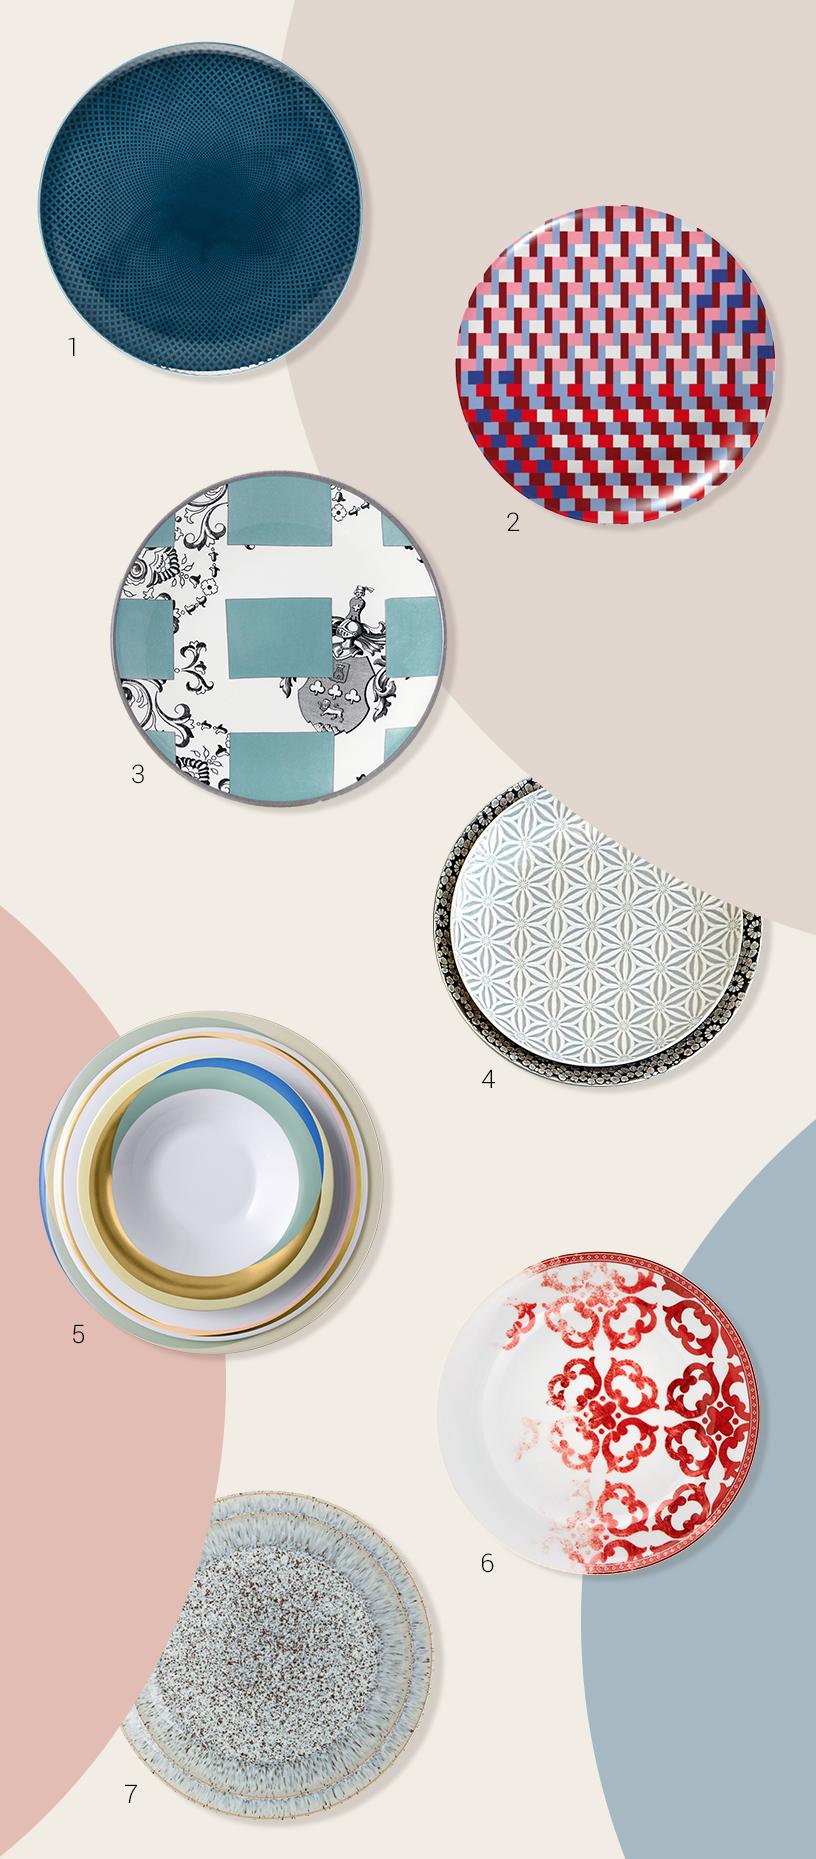 ambiente-fair-pattern-color-tableware